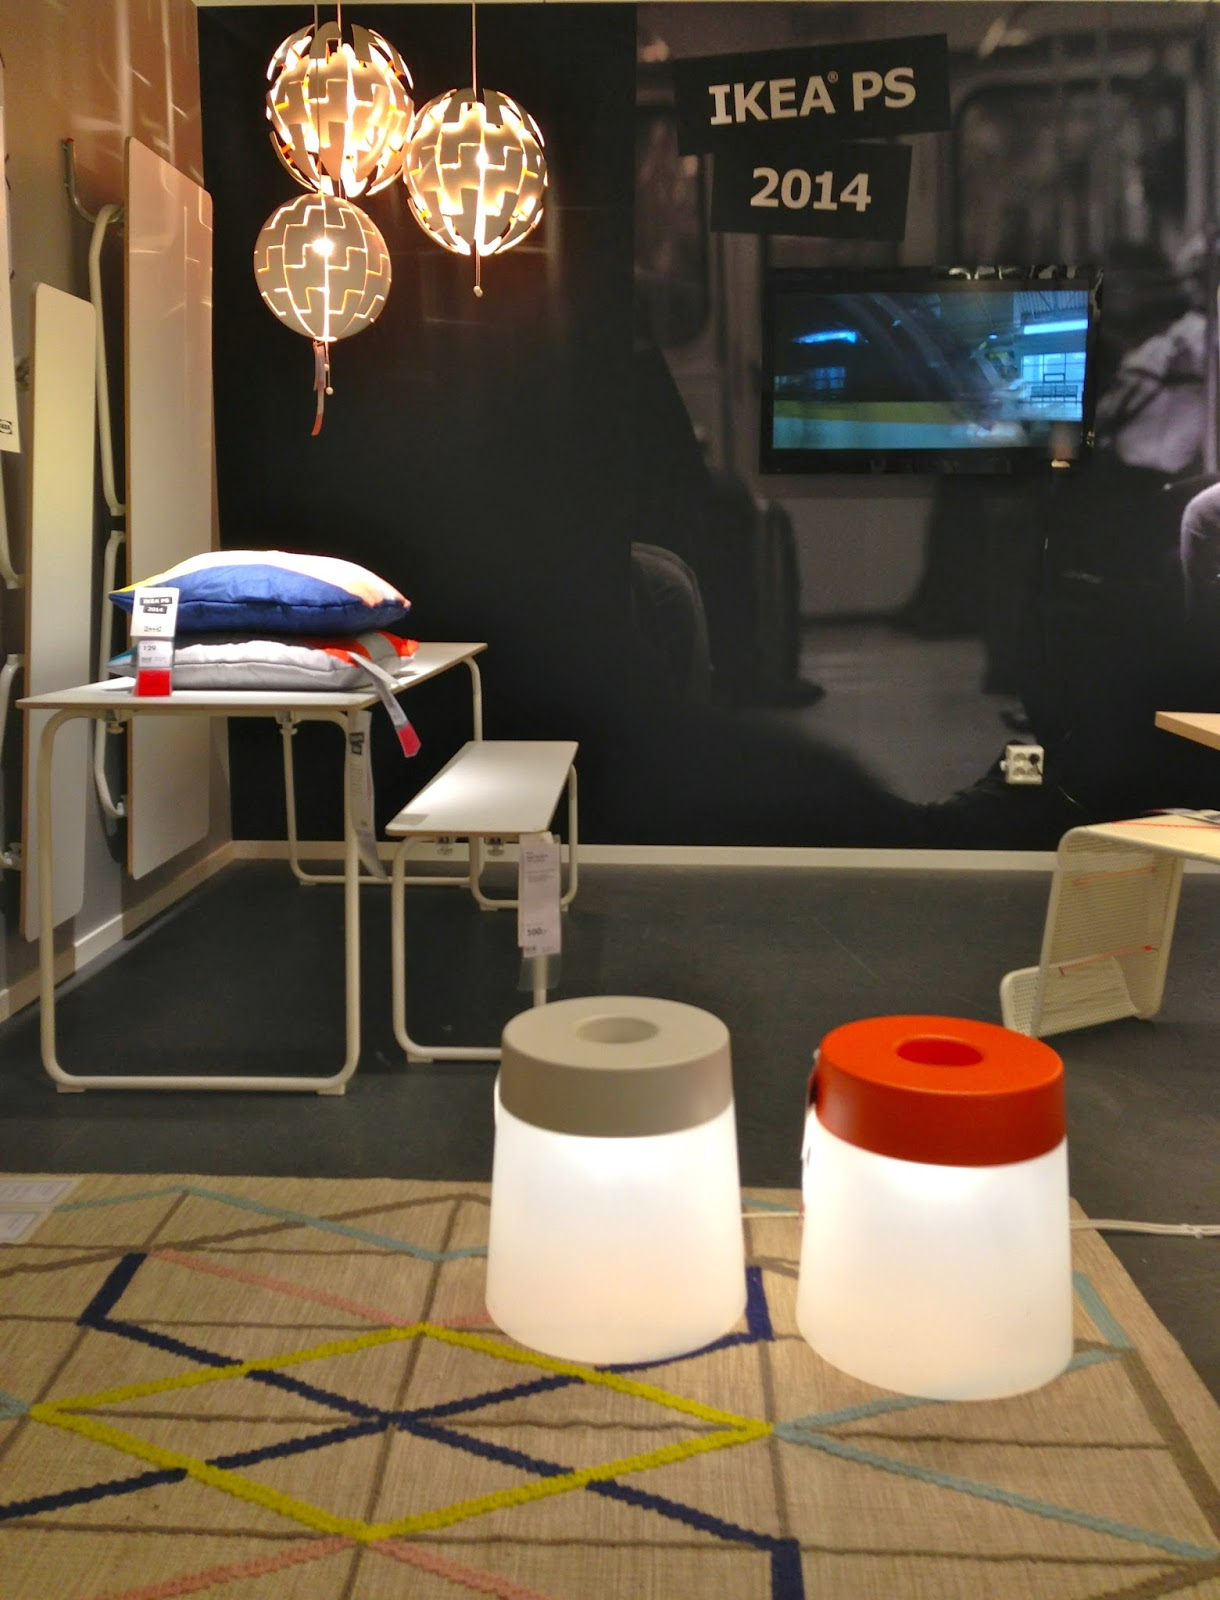 kreativa kvadrat ab ikea ps 2014 s ljstart p ikea. Black Bedroom Furniture Sets. Home Design Ideas